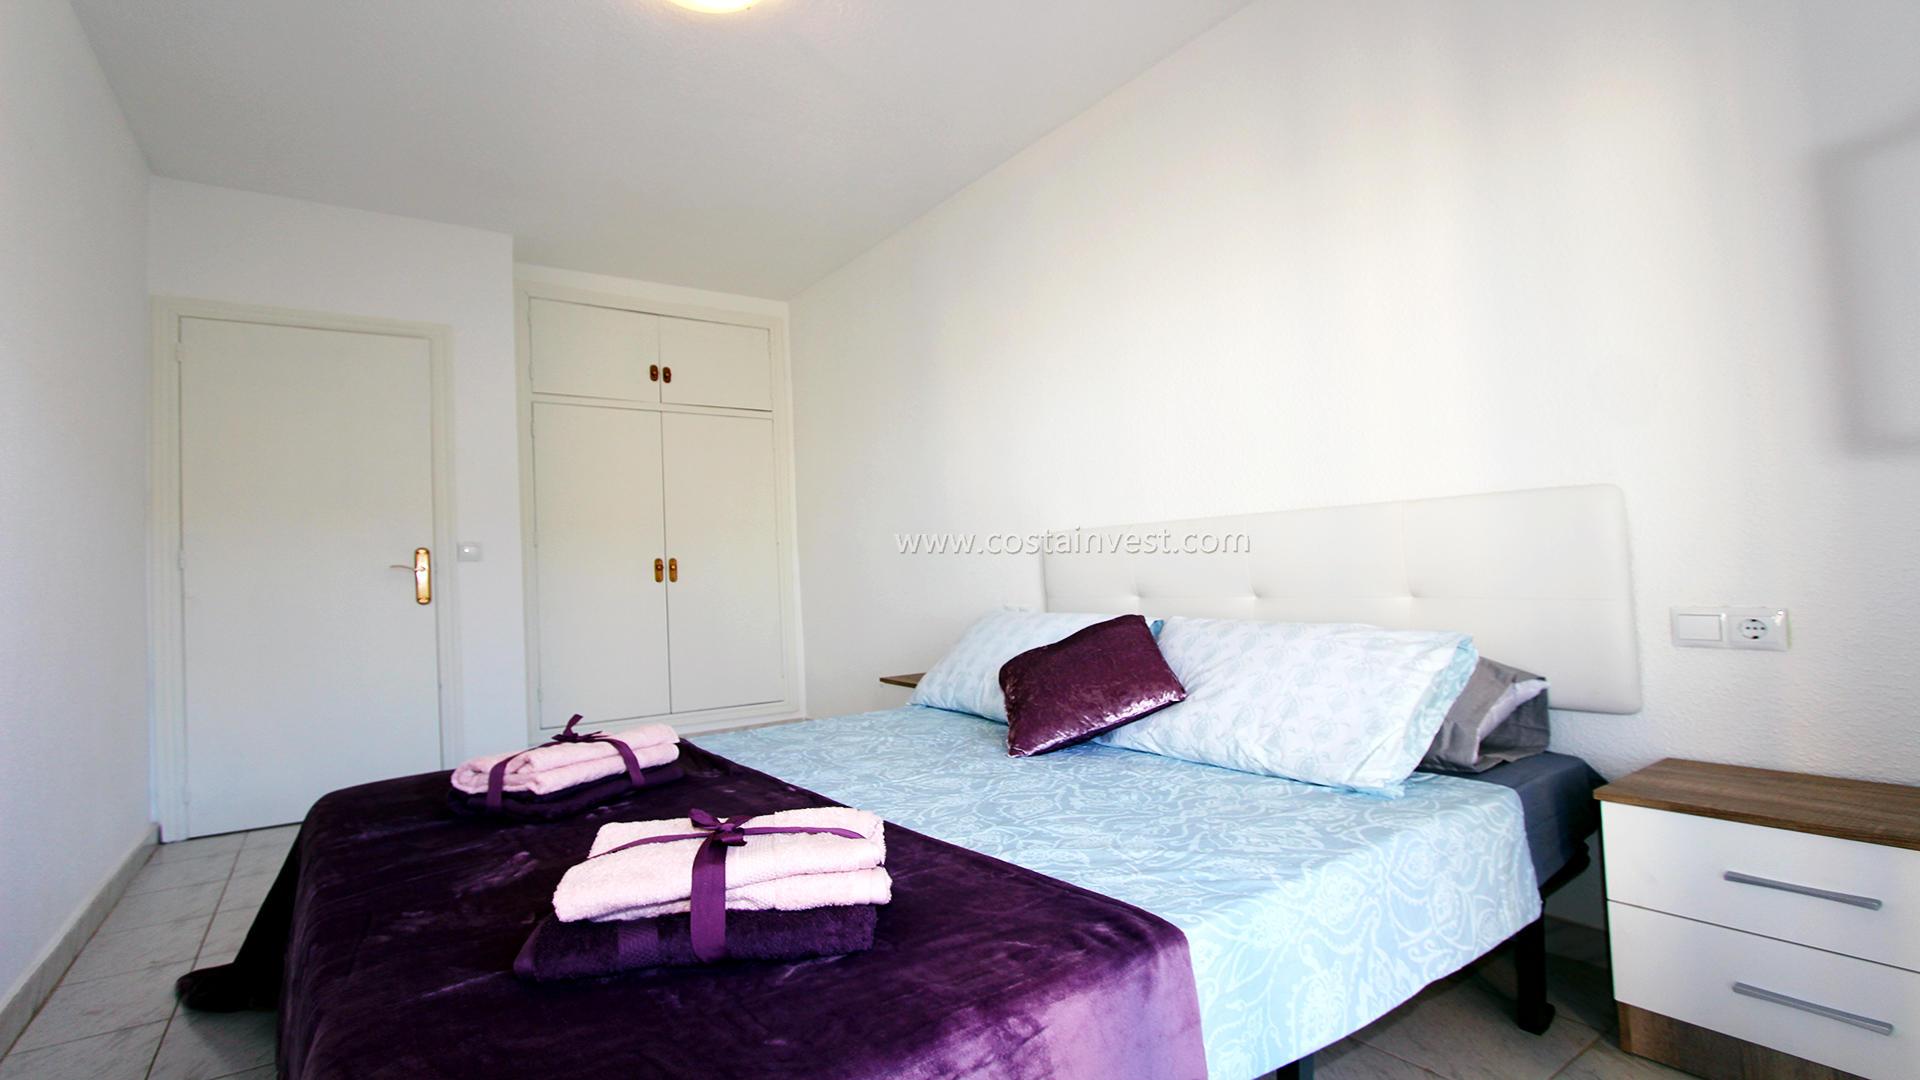 Apartament -                                       La Mata -                                       1 sypialnie -                                       4 osoby